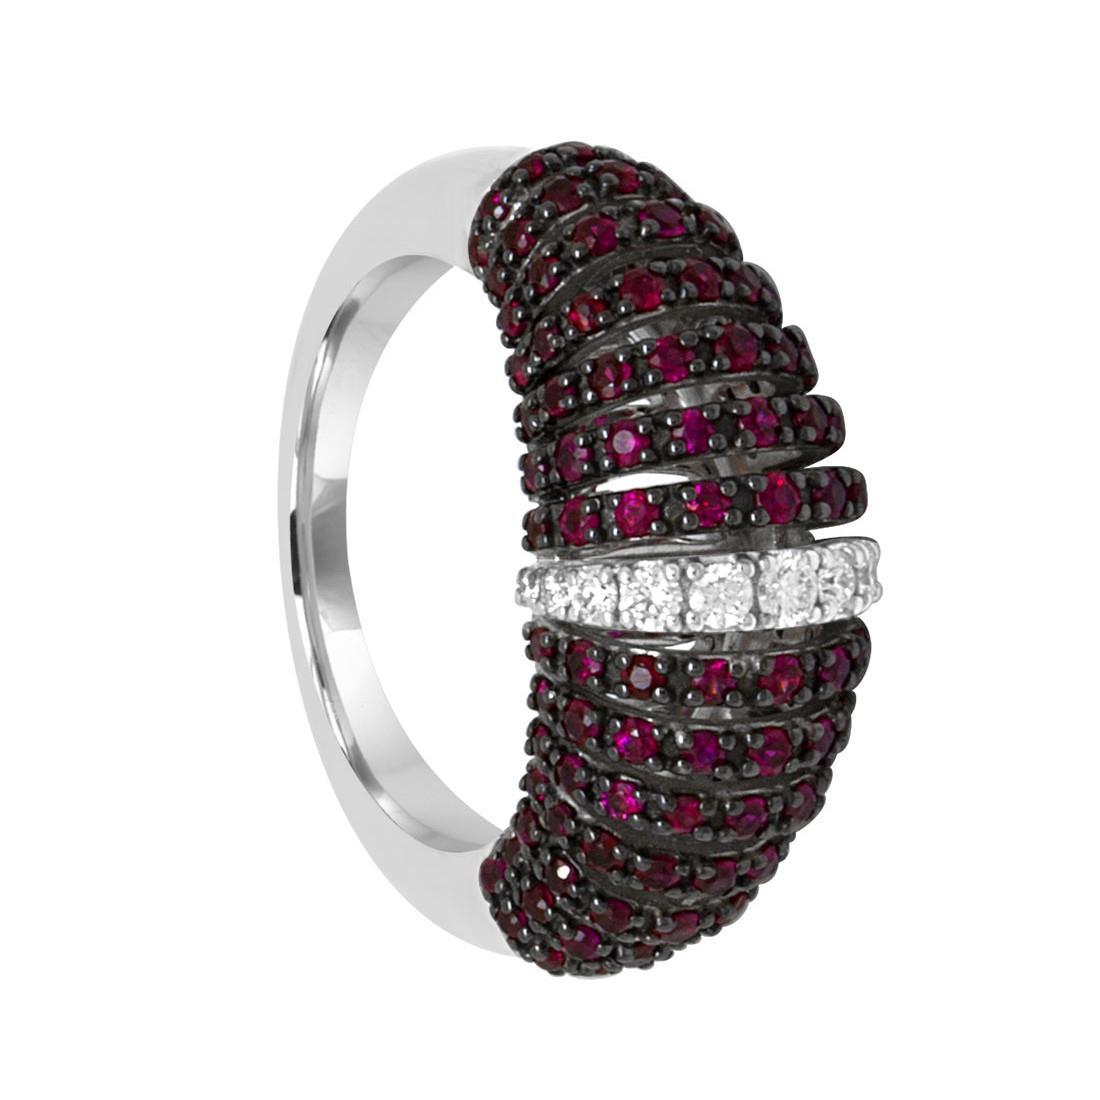 Anello in oro bianco con diamanti ct 0.18 e rubini - SALVINI